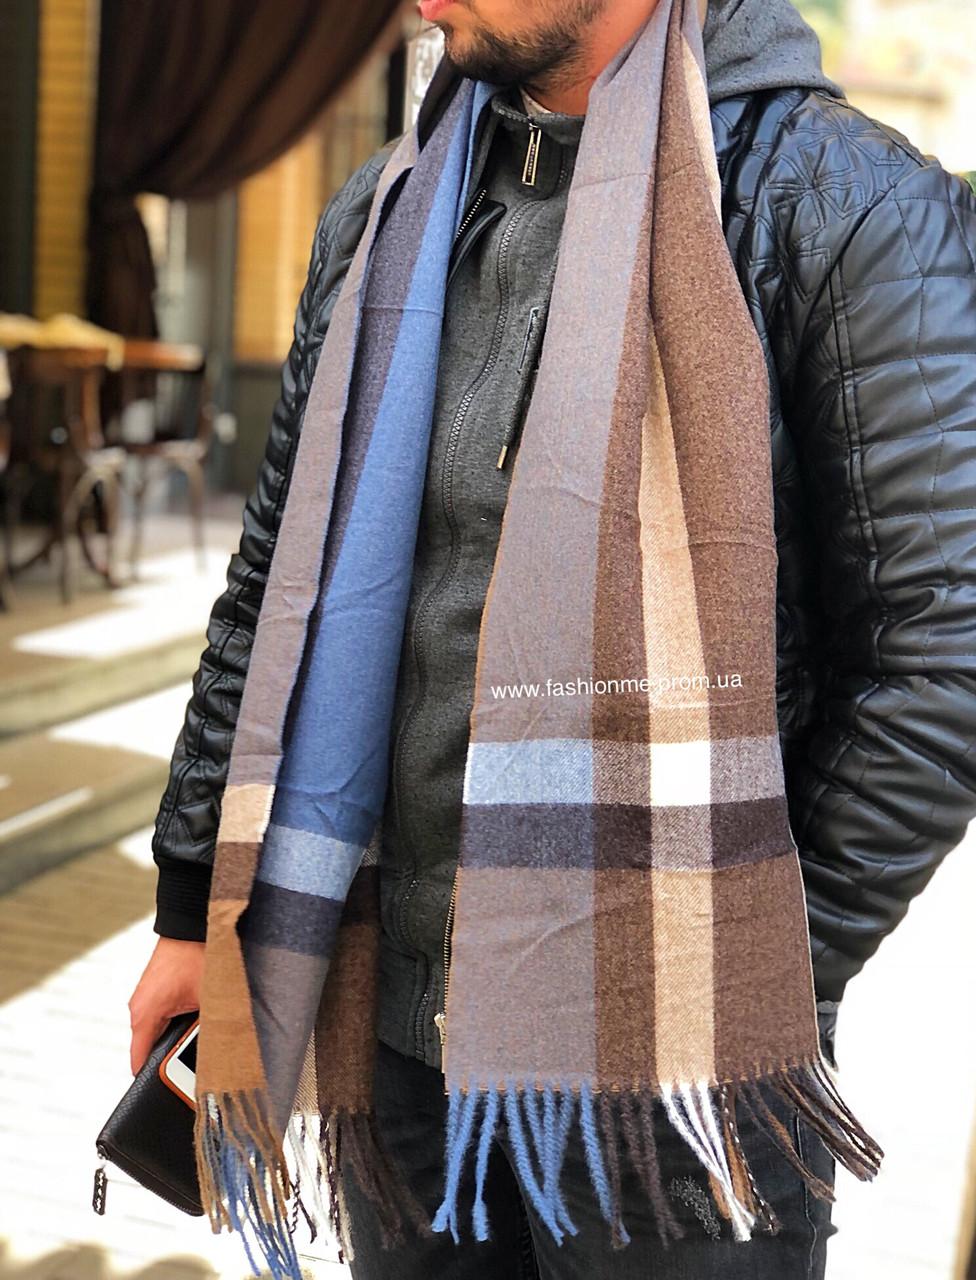 32dcf20e0e0e Мужской шарф кашемировый в клетку Gektor теплый и стильный: продажа, цена в  ...